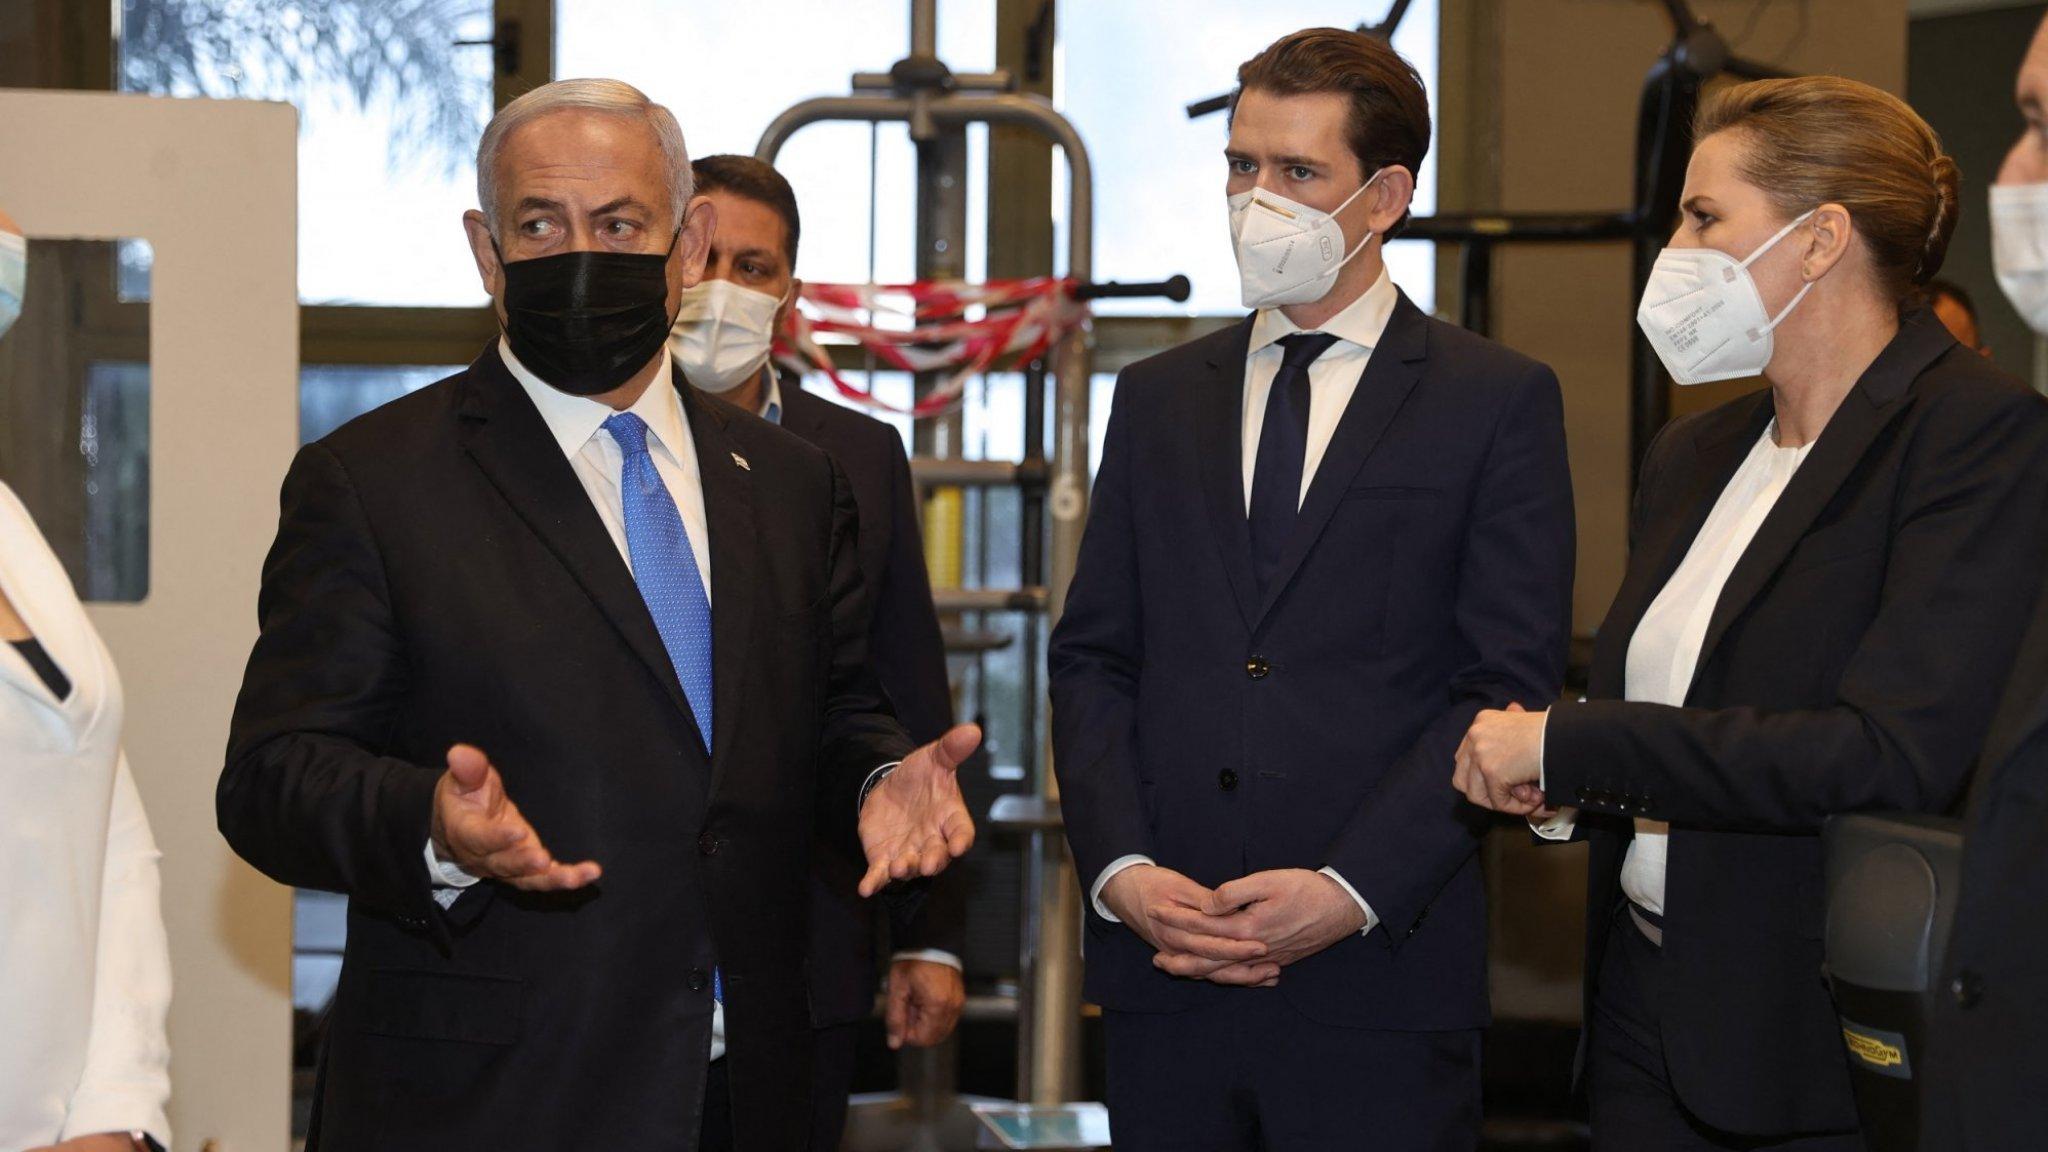 Denemarken en Oostenrijk gaan in zee met vaccinkampioen Israël - RTL Nieuws